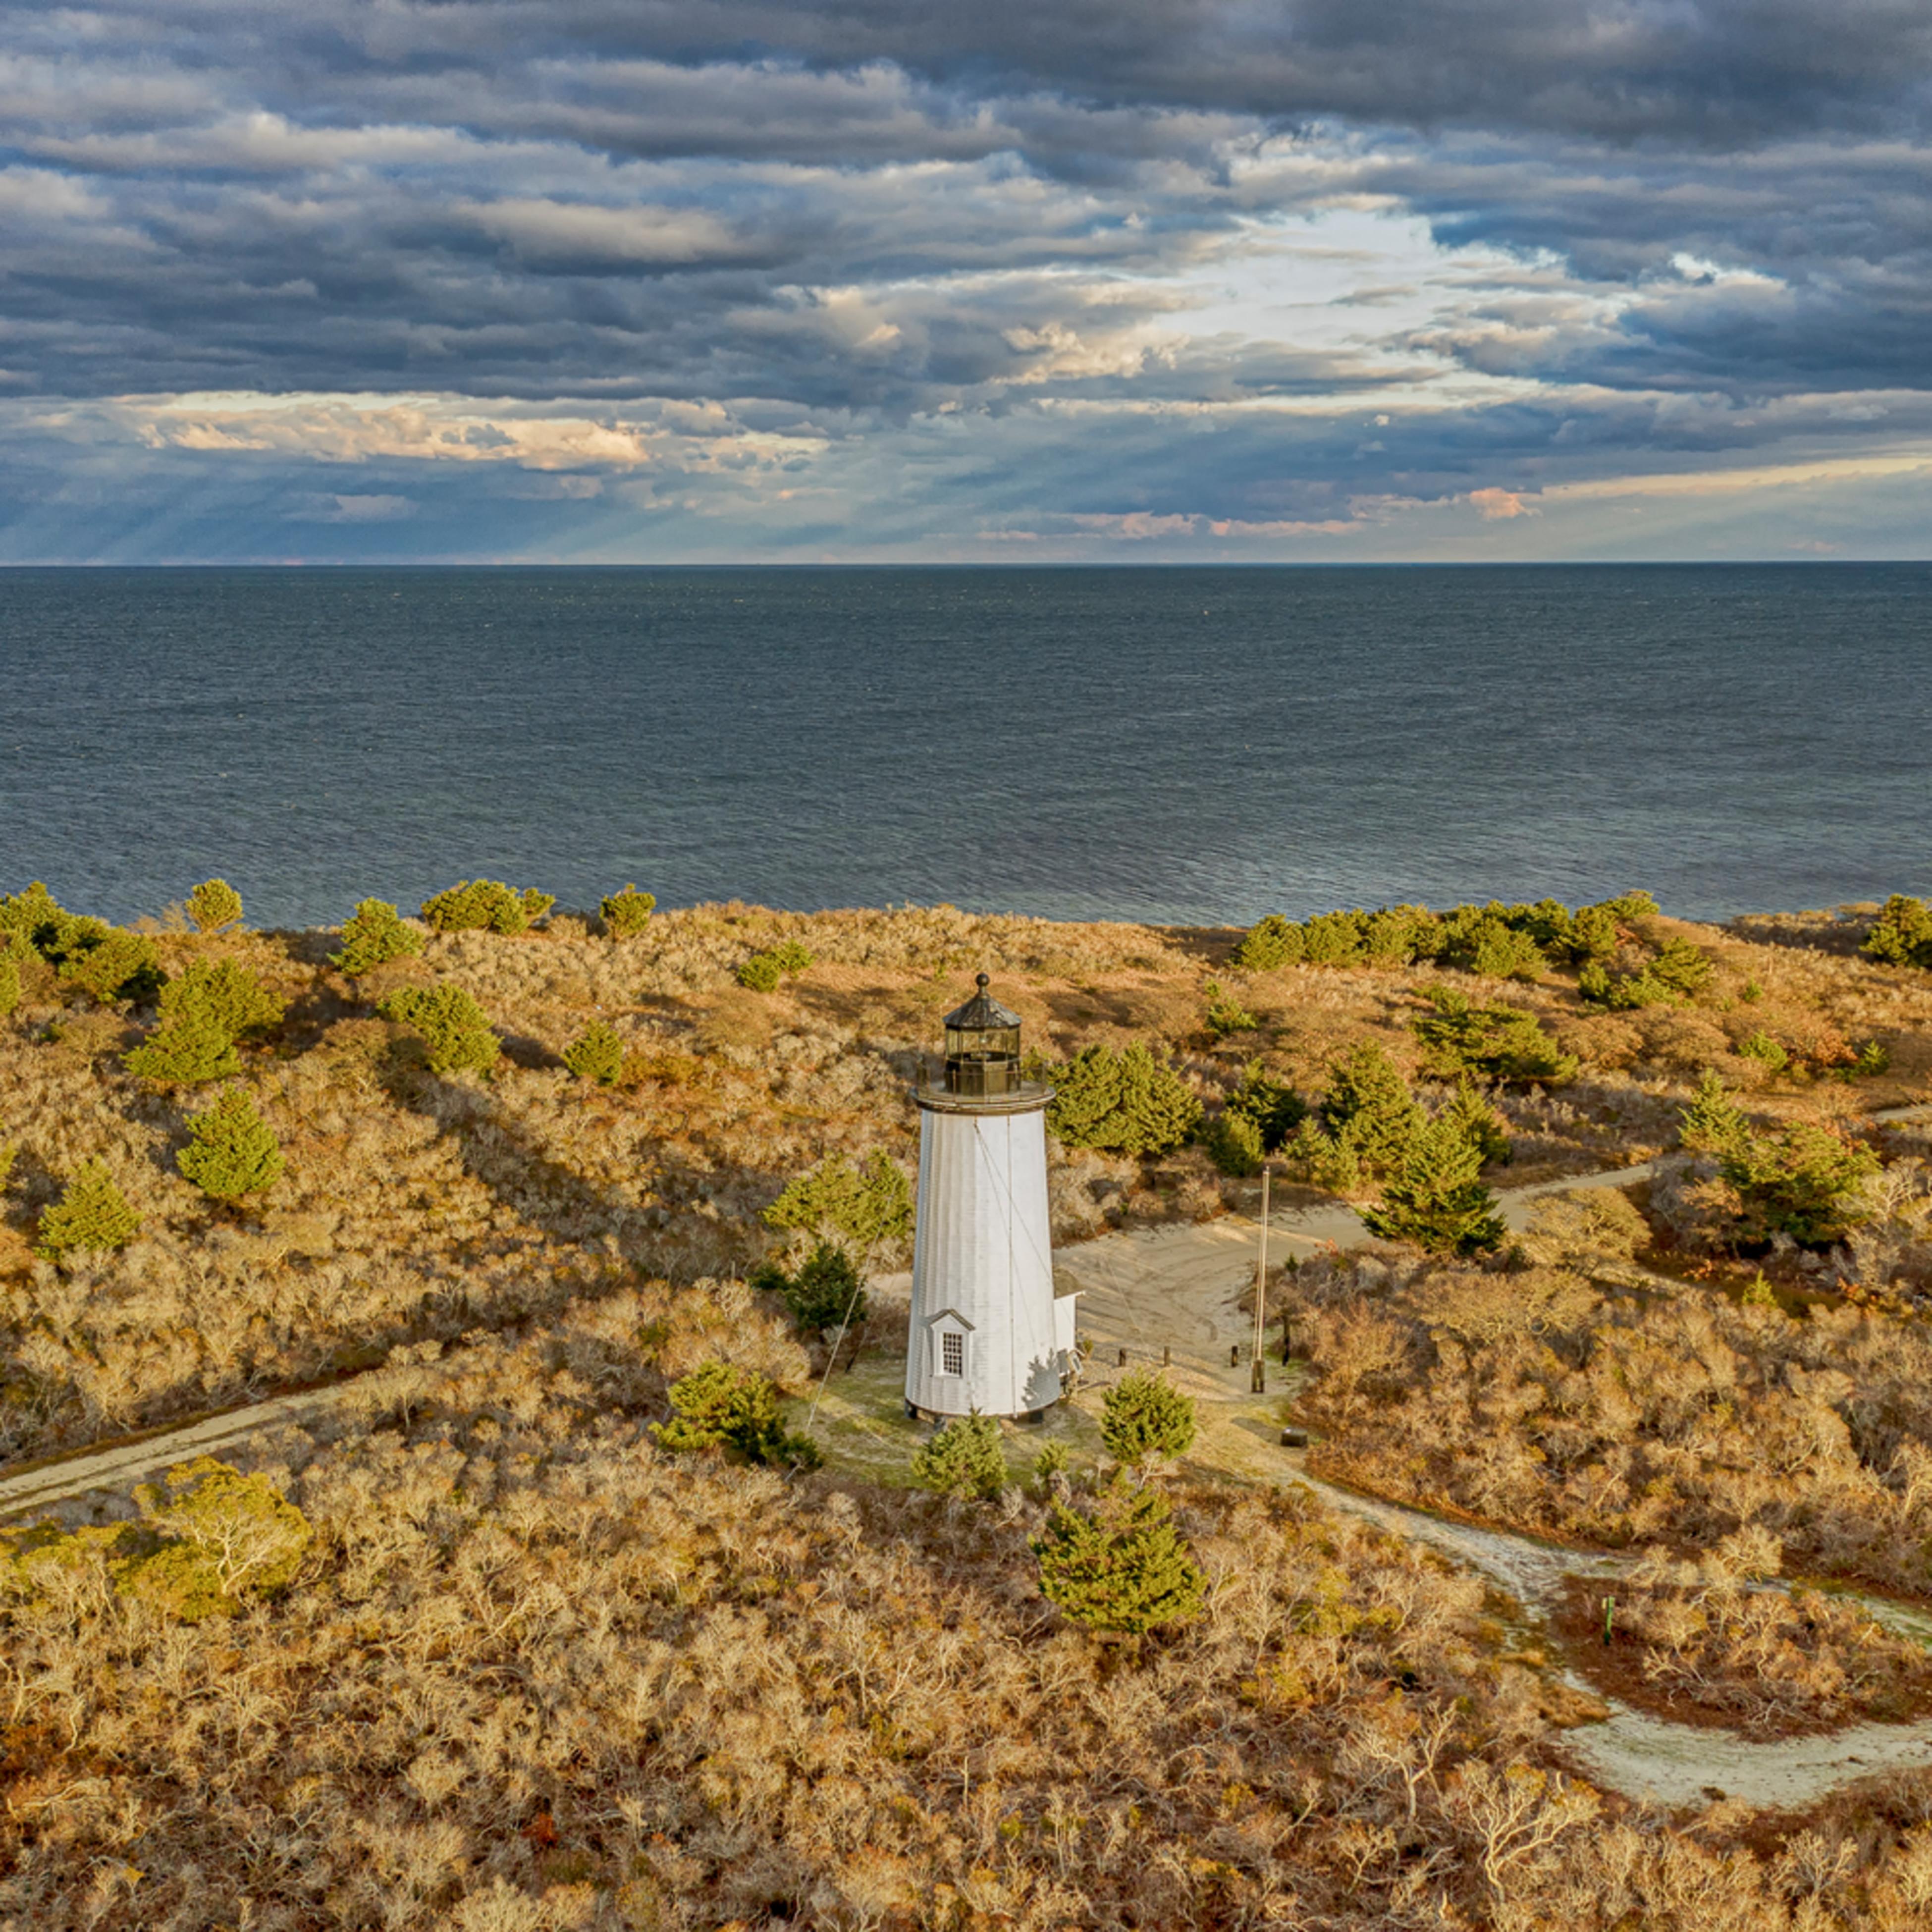 Cape poge light offshore sunbeams le4auw